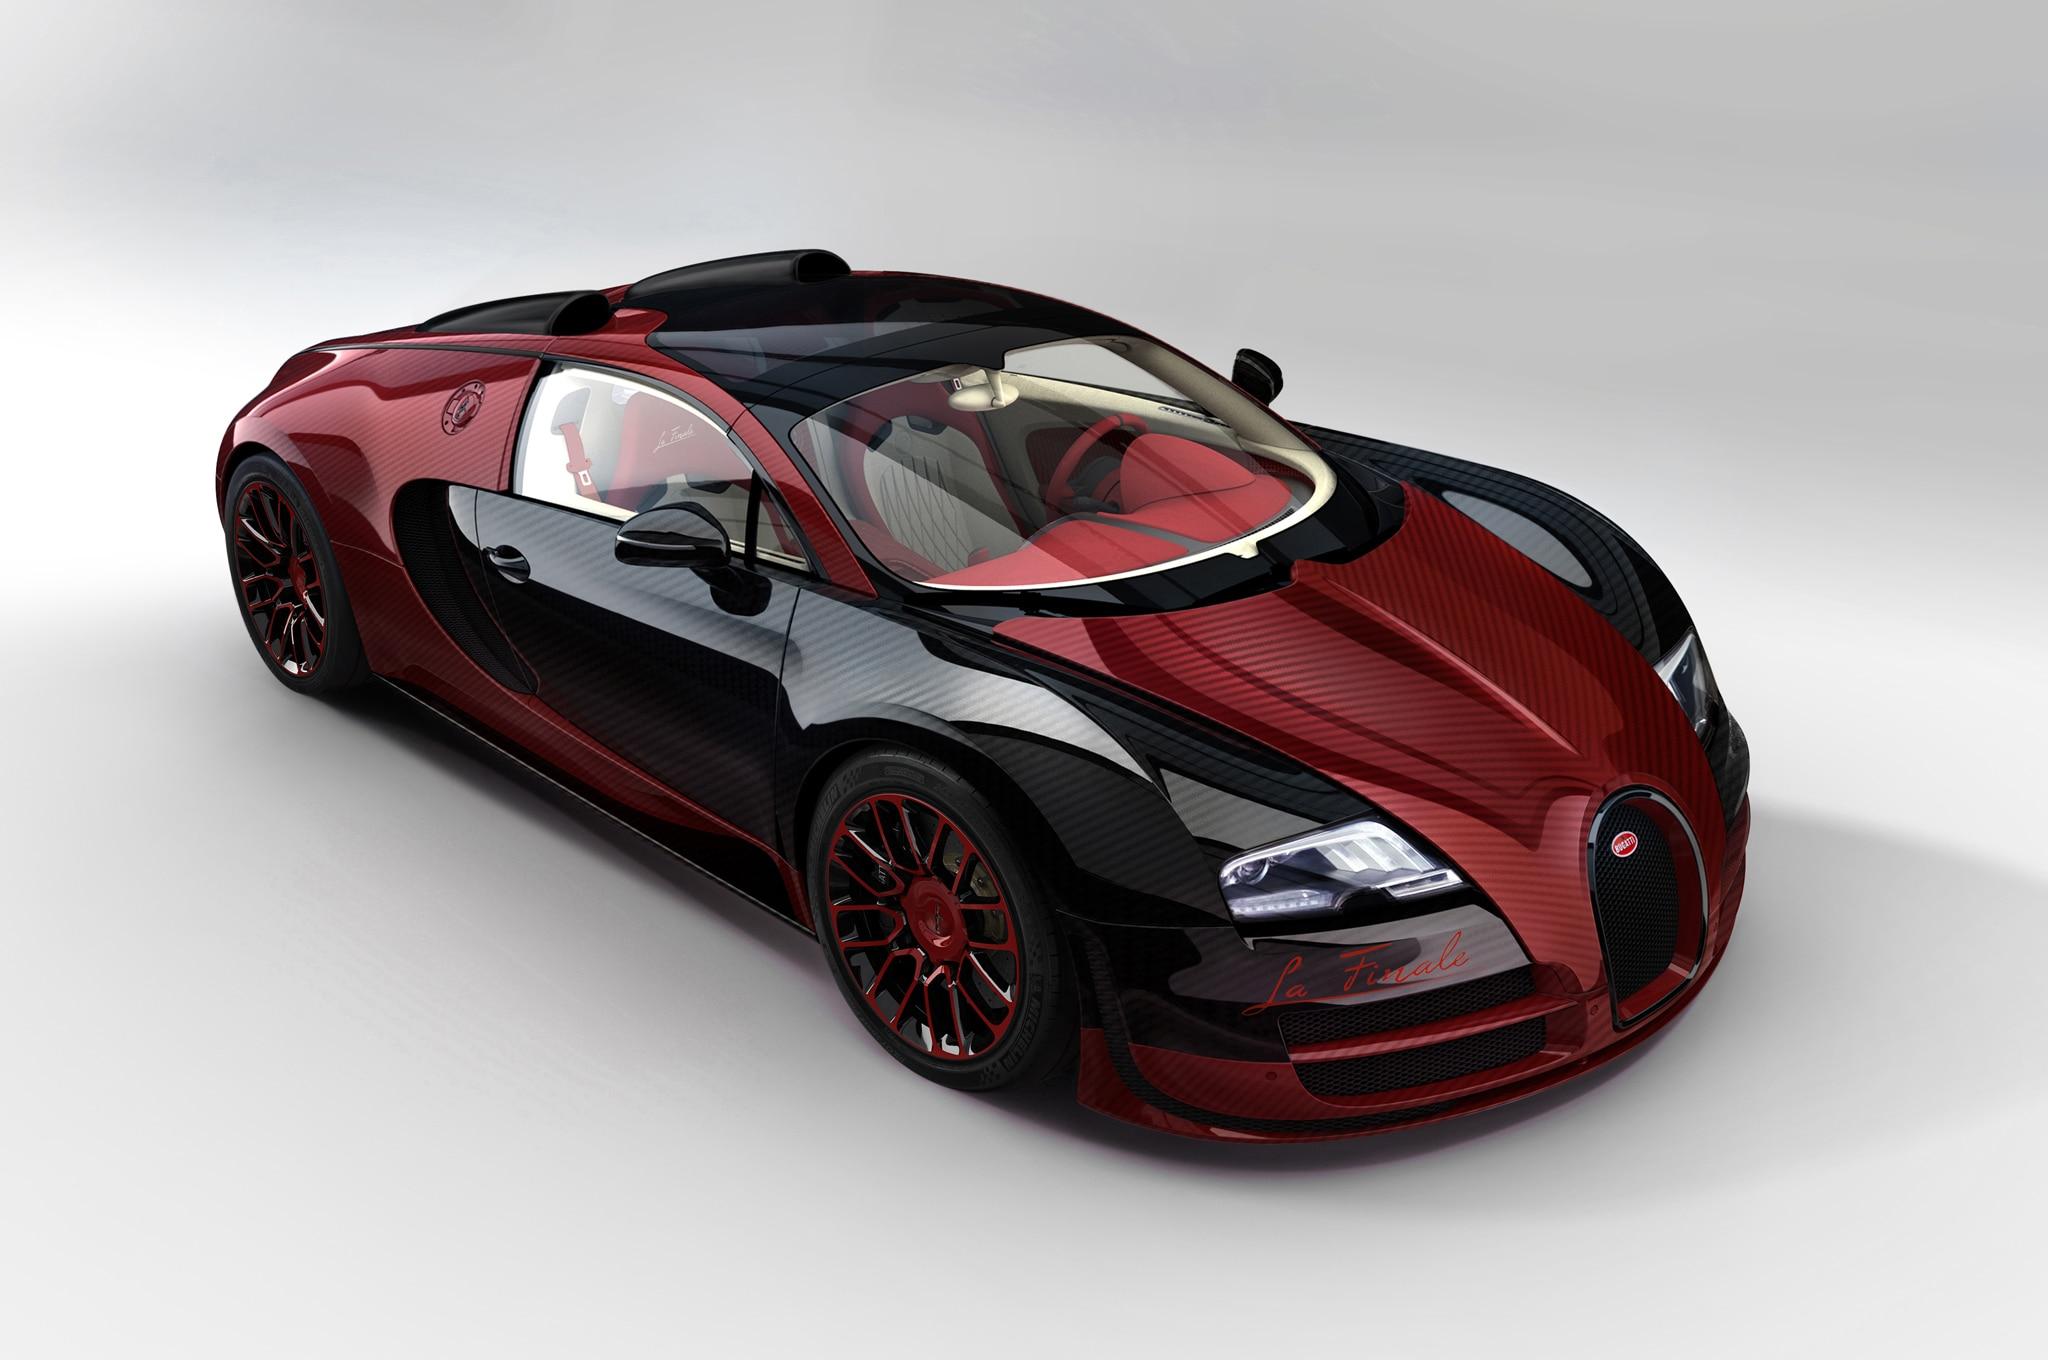 Bugatti-Veyron-Grand-Sport-Vitesse-La-Finale-front-three-quarter-021 Modern Bugatti Veyron Price and Pictures Cars Trend